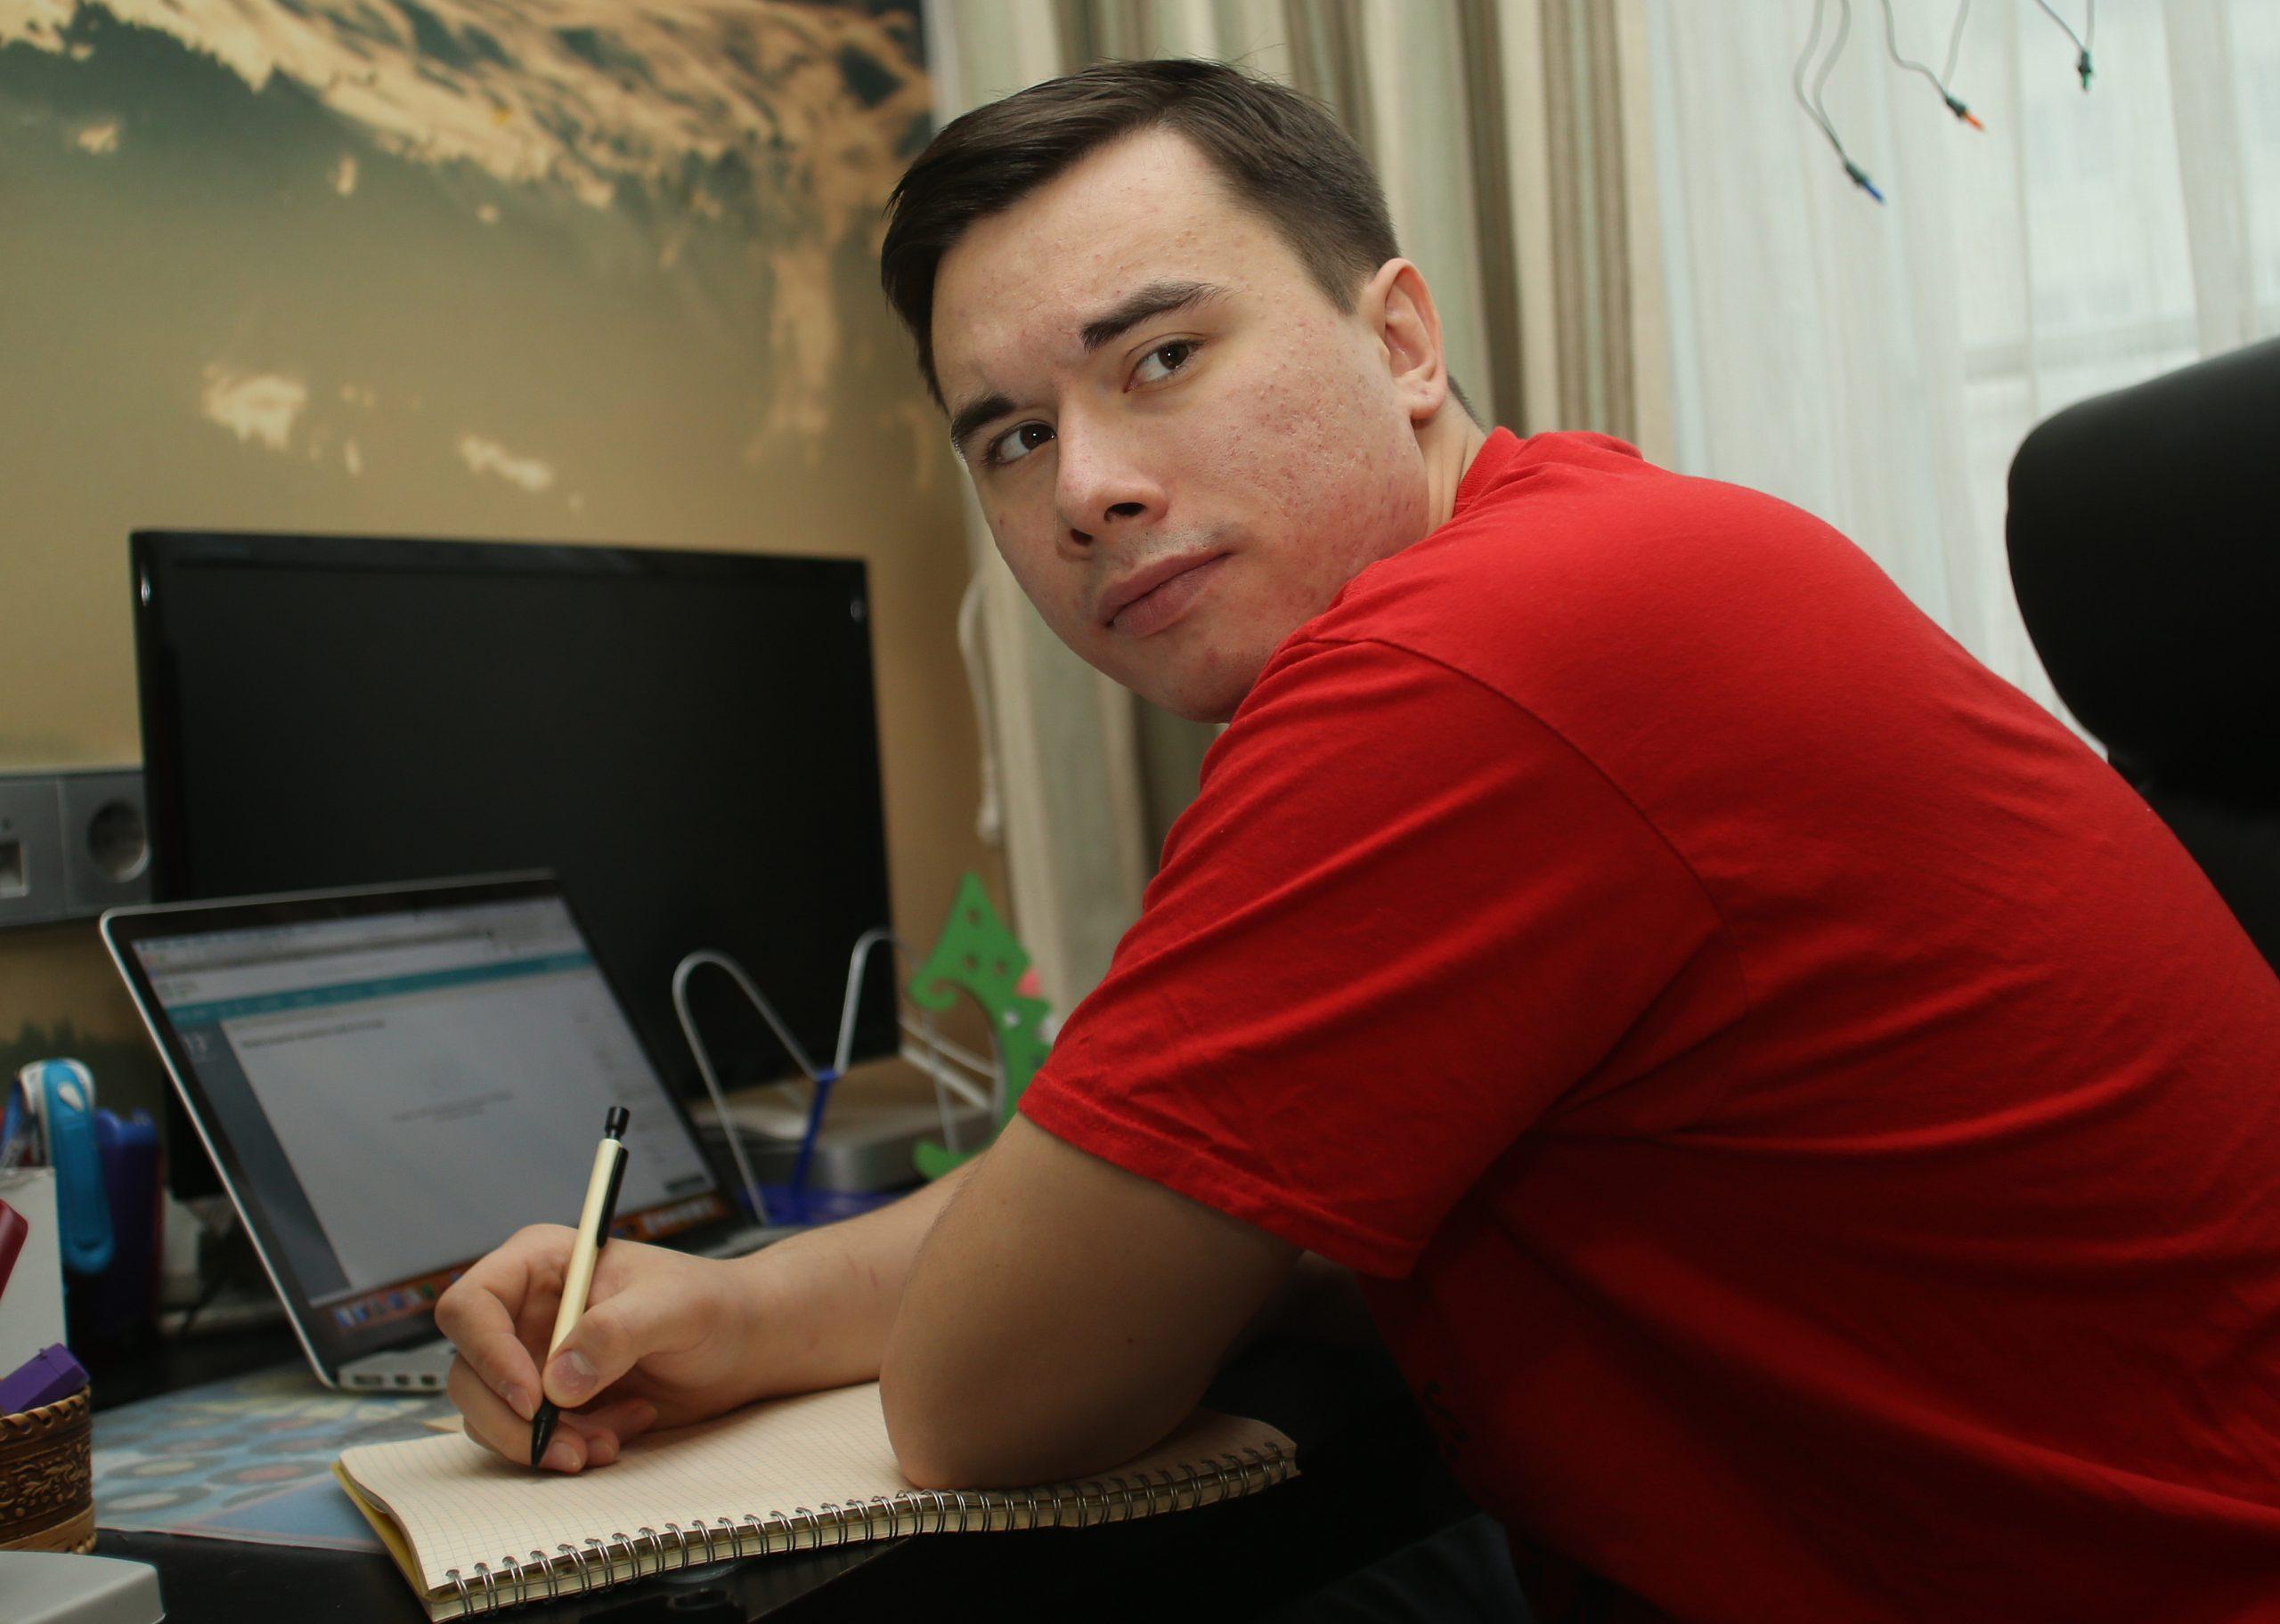 День открытых дверей в виртуальном формате организуют педагоги колледжа имени Карла Фаберже. Фото: Наталия Нечаева, «Вечерняя Москва»